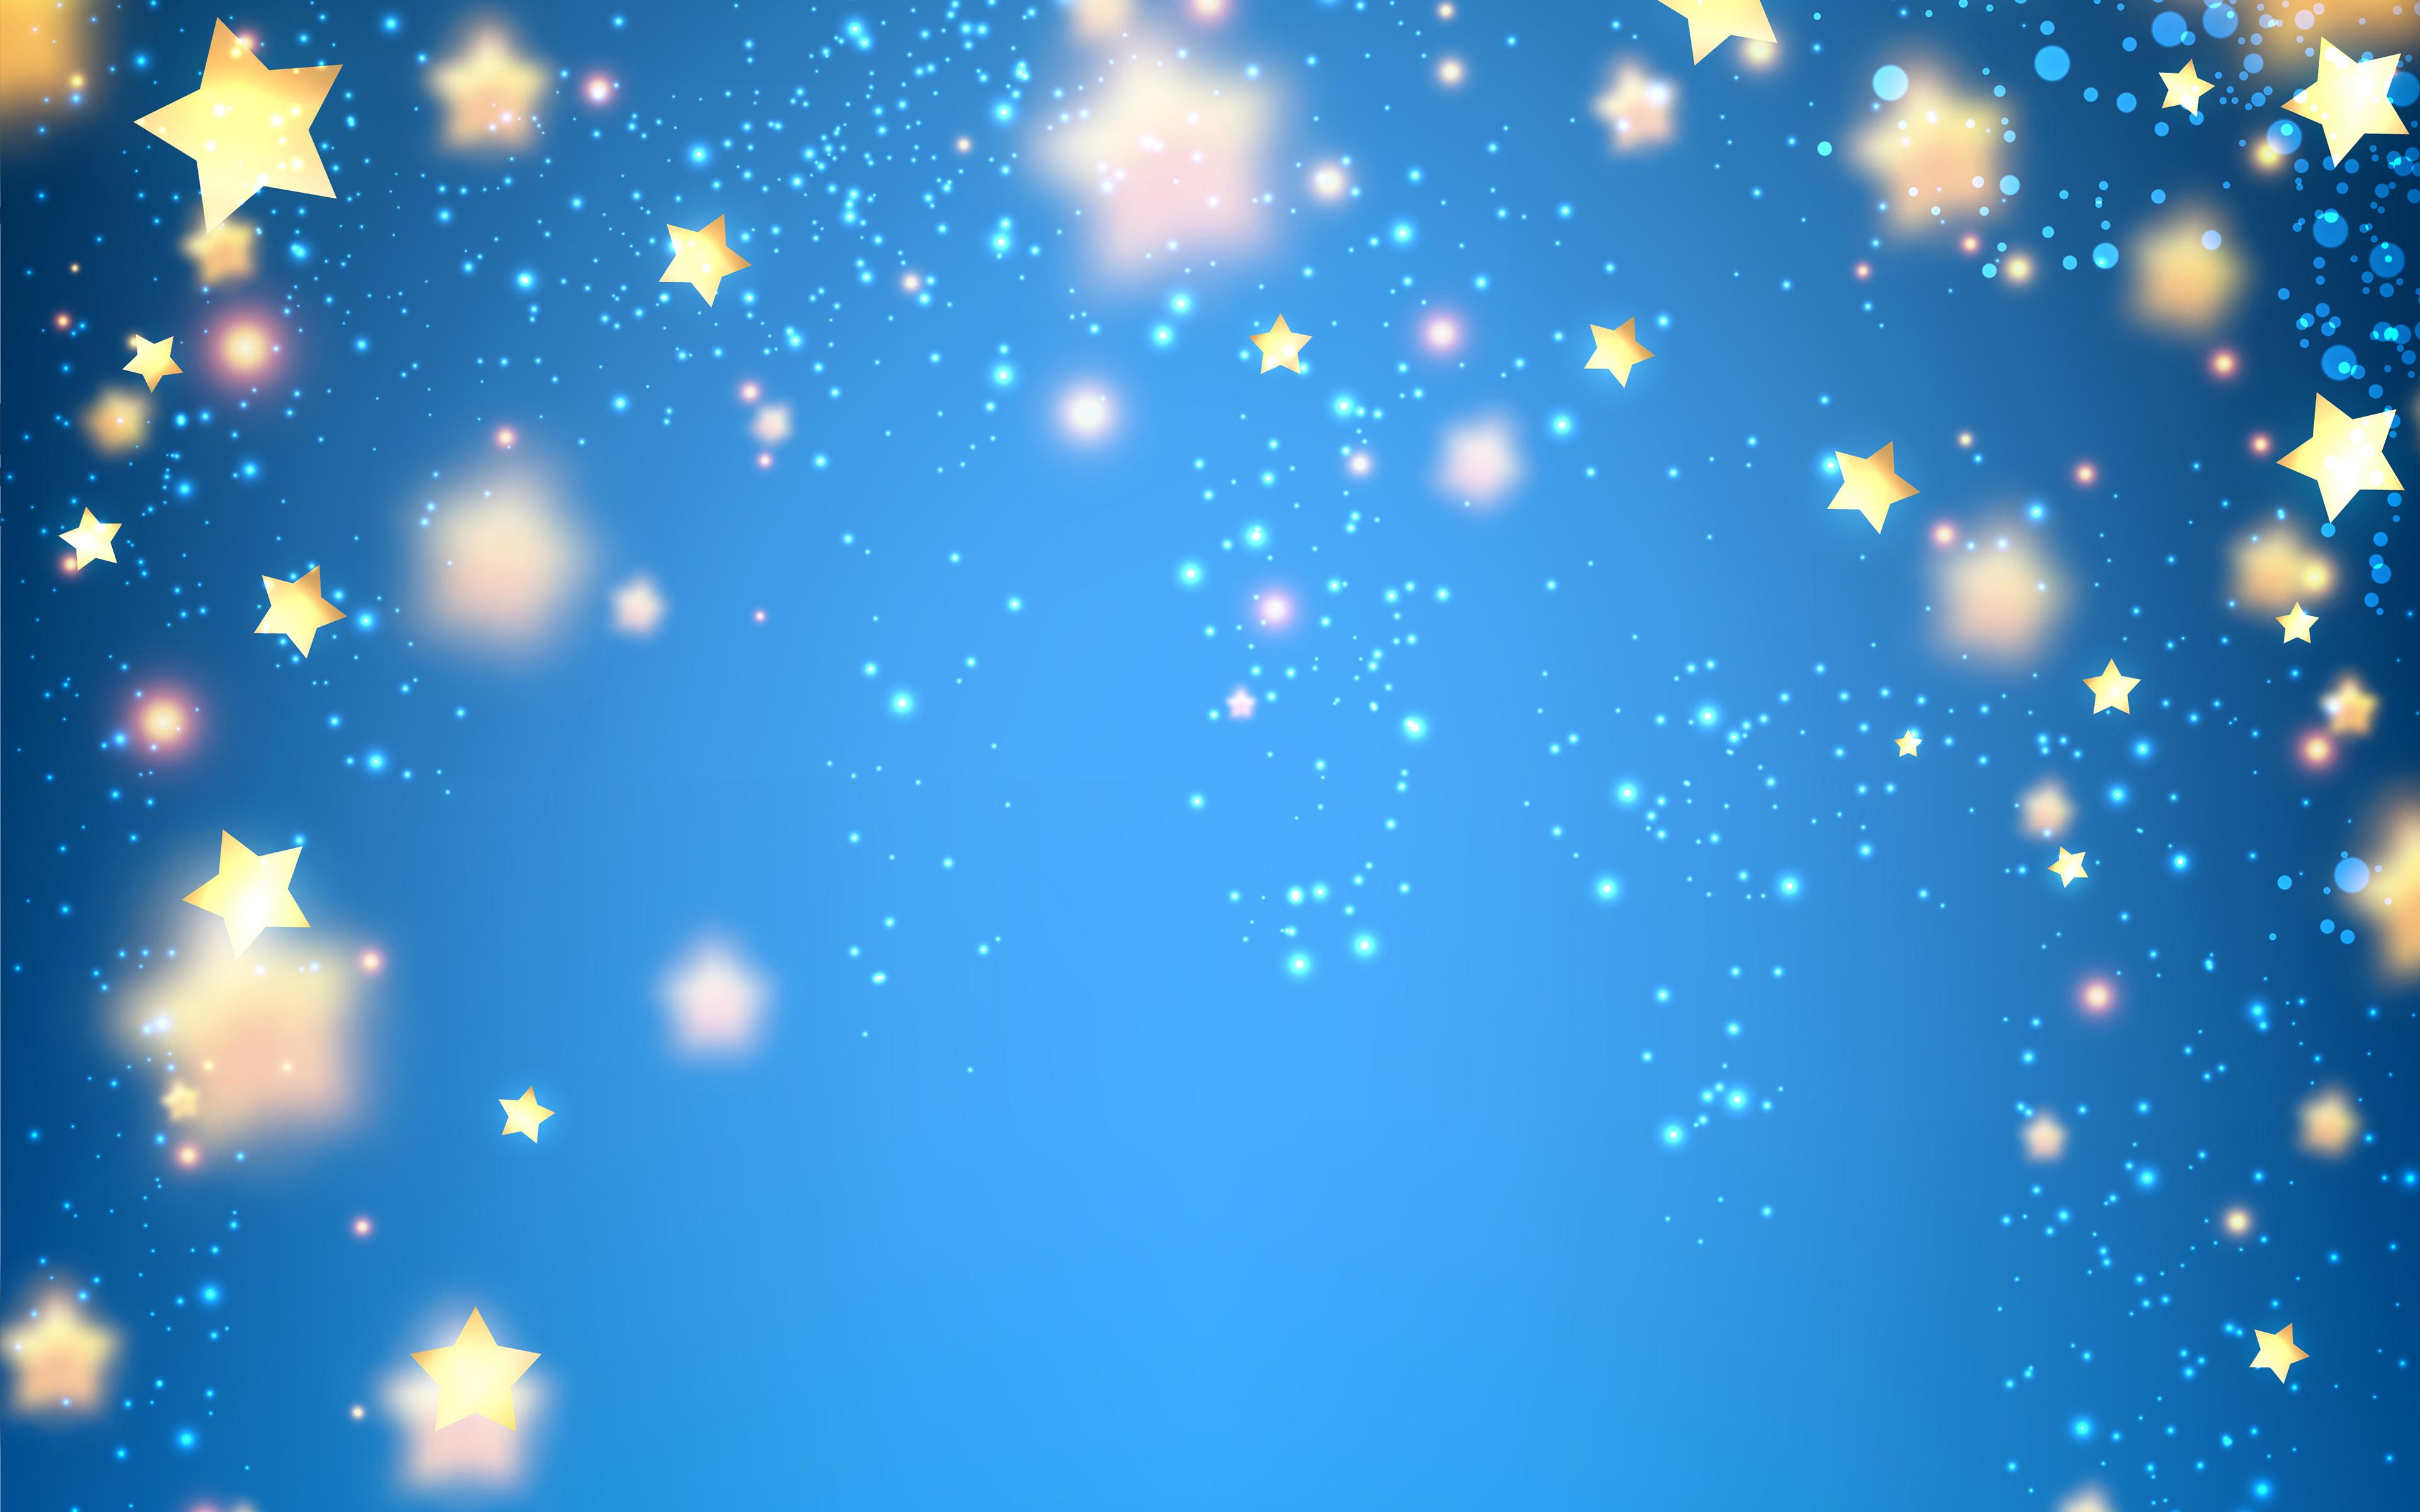 Картинка звездного неба для детей, картинка